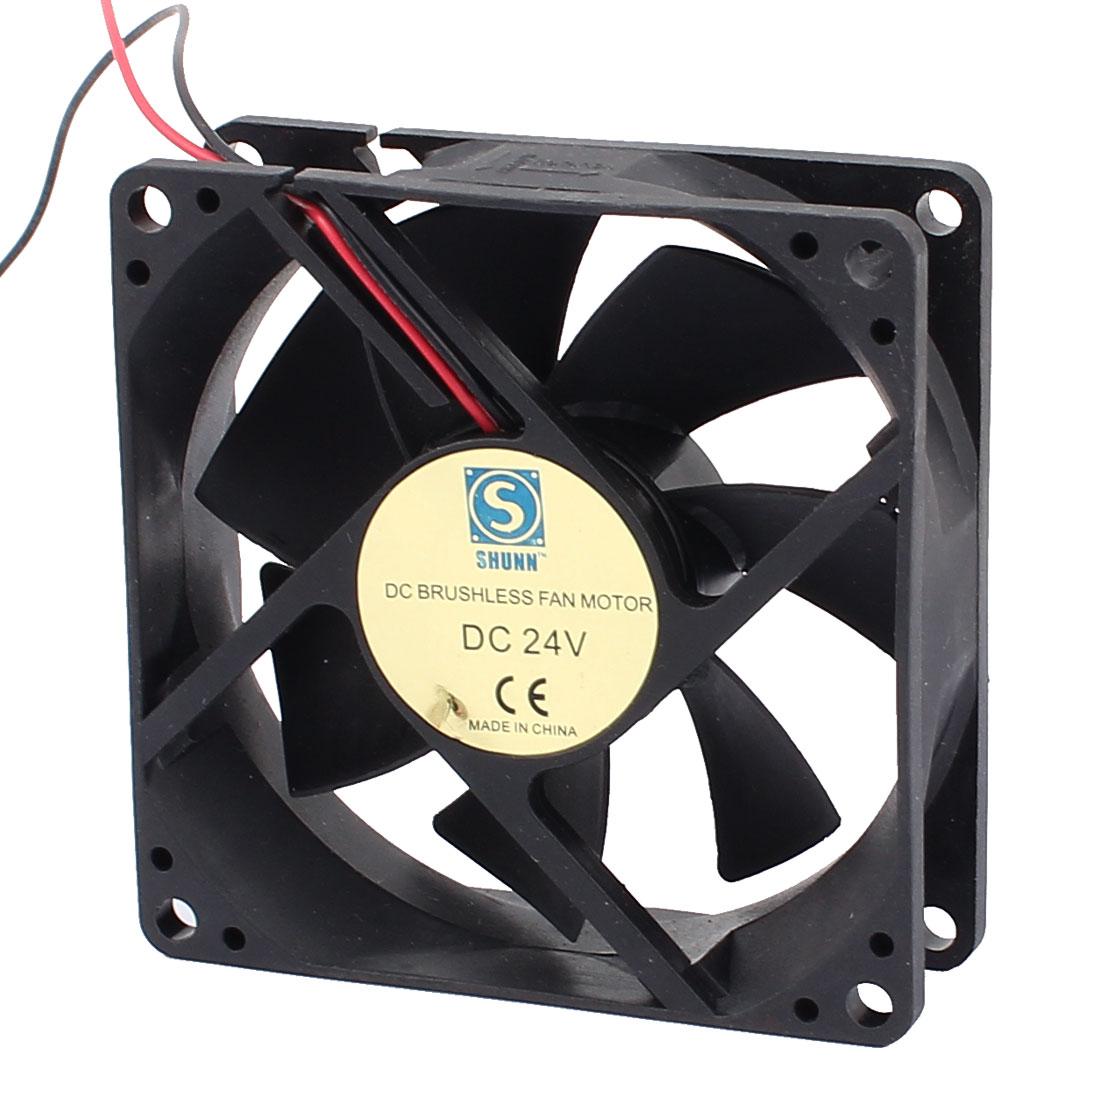 DC24V 80mmx80mmx25mm 7 Vanes DC Brushless Fan Motor PC Case Cooling Fan Cooler